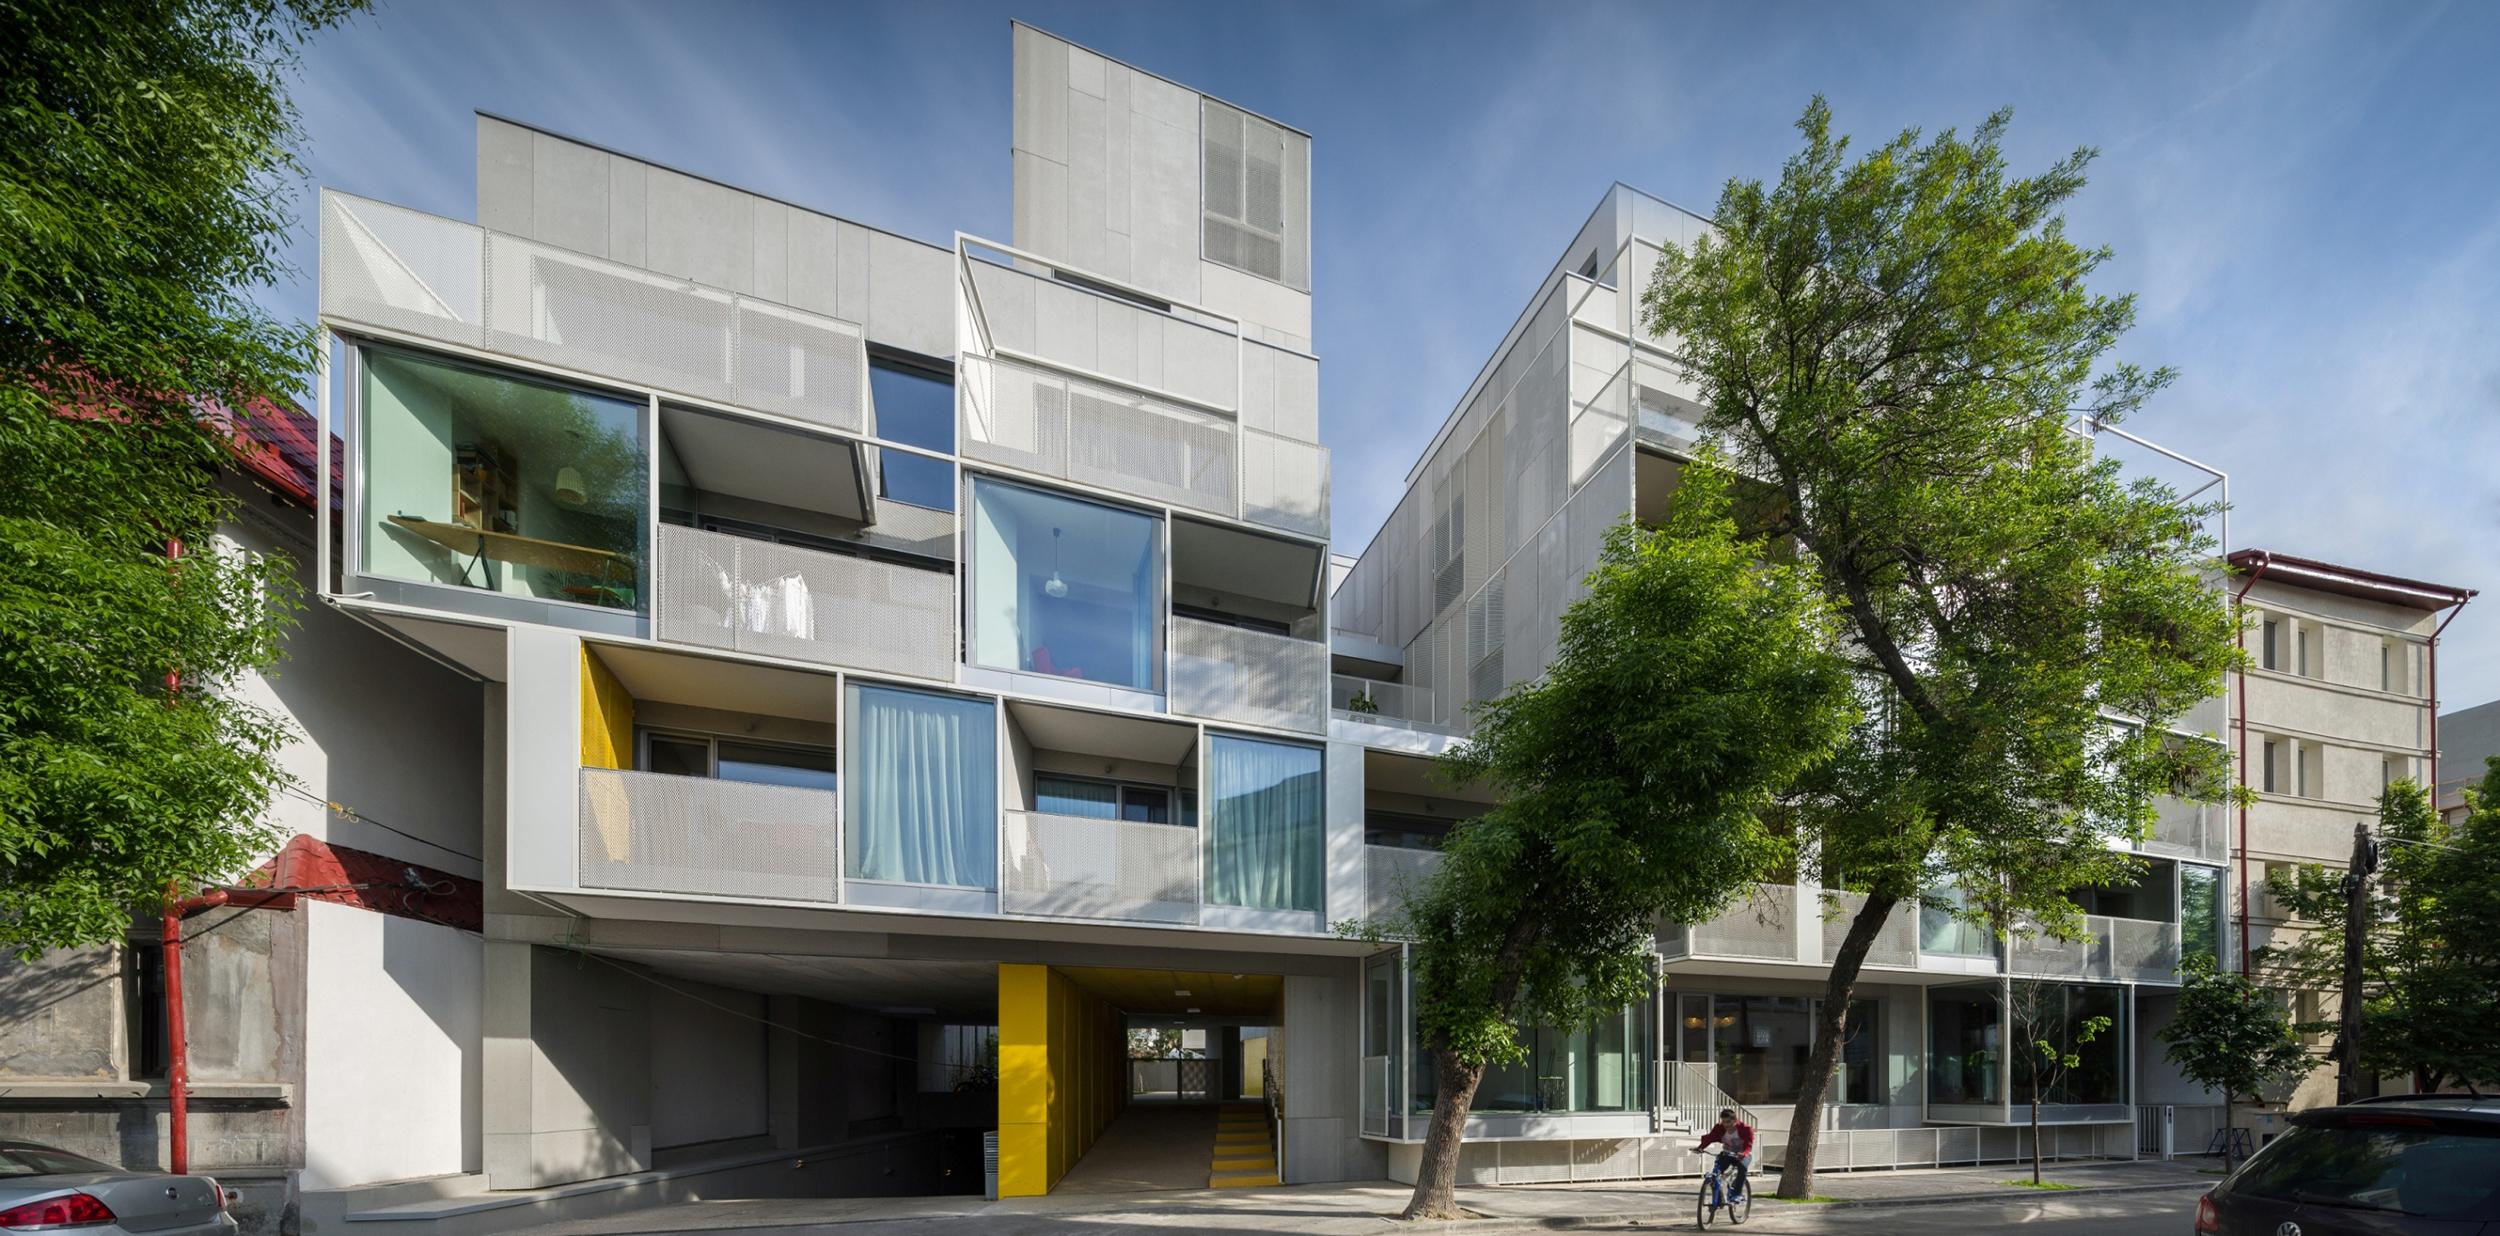 Urban Spaces / Dogarilor Apartment Building - Nominalizarile pentru Premiile Romanian Building Awards - premii de recunoastere publica a excelentei in proiectarea si executia spatiului construit din Romania